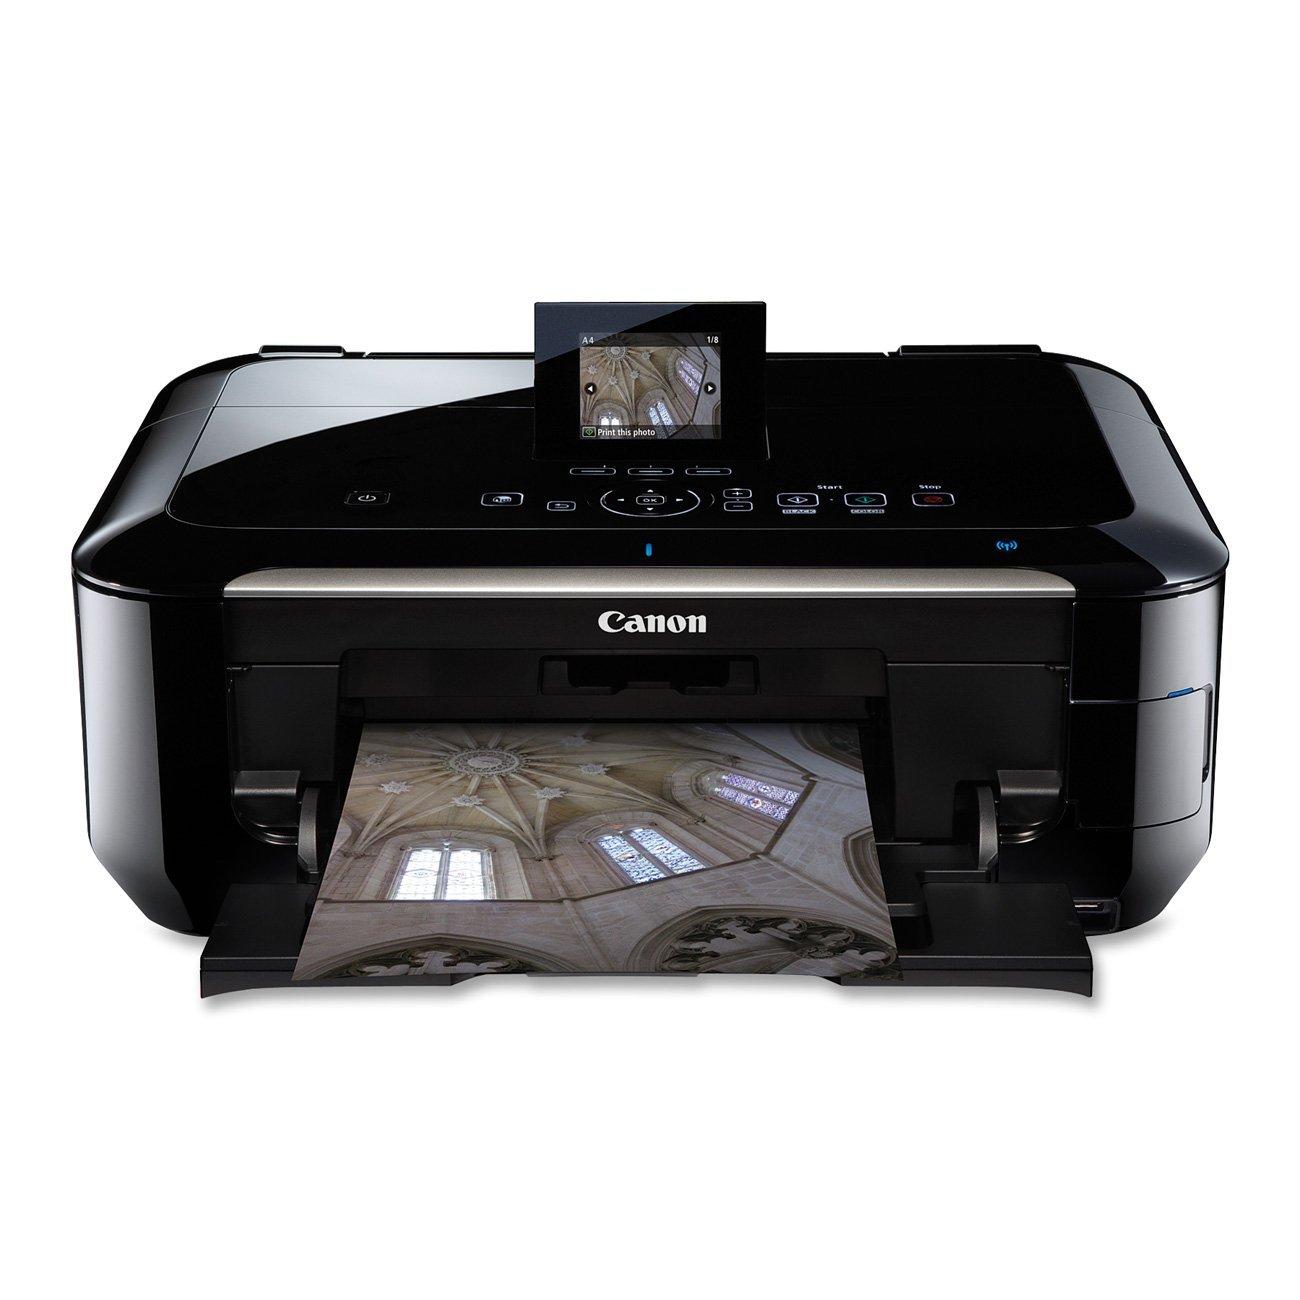 Canon Printer Driver For Ipad